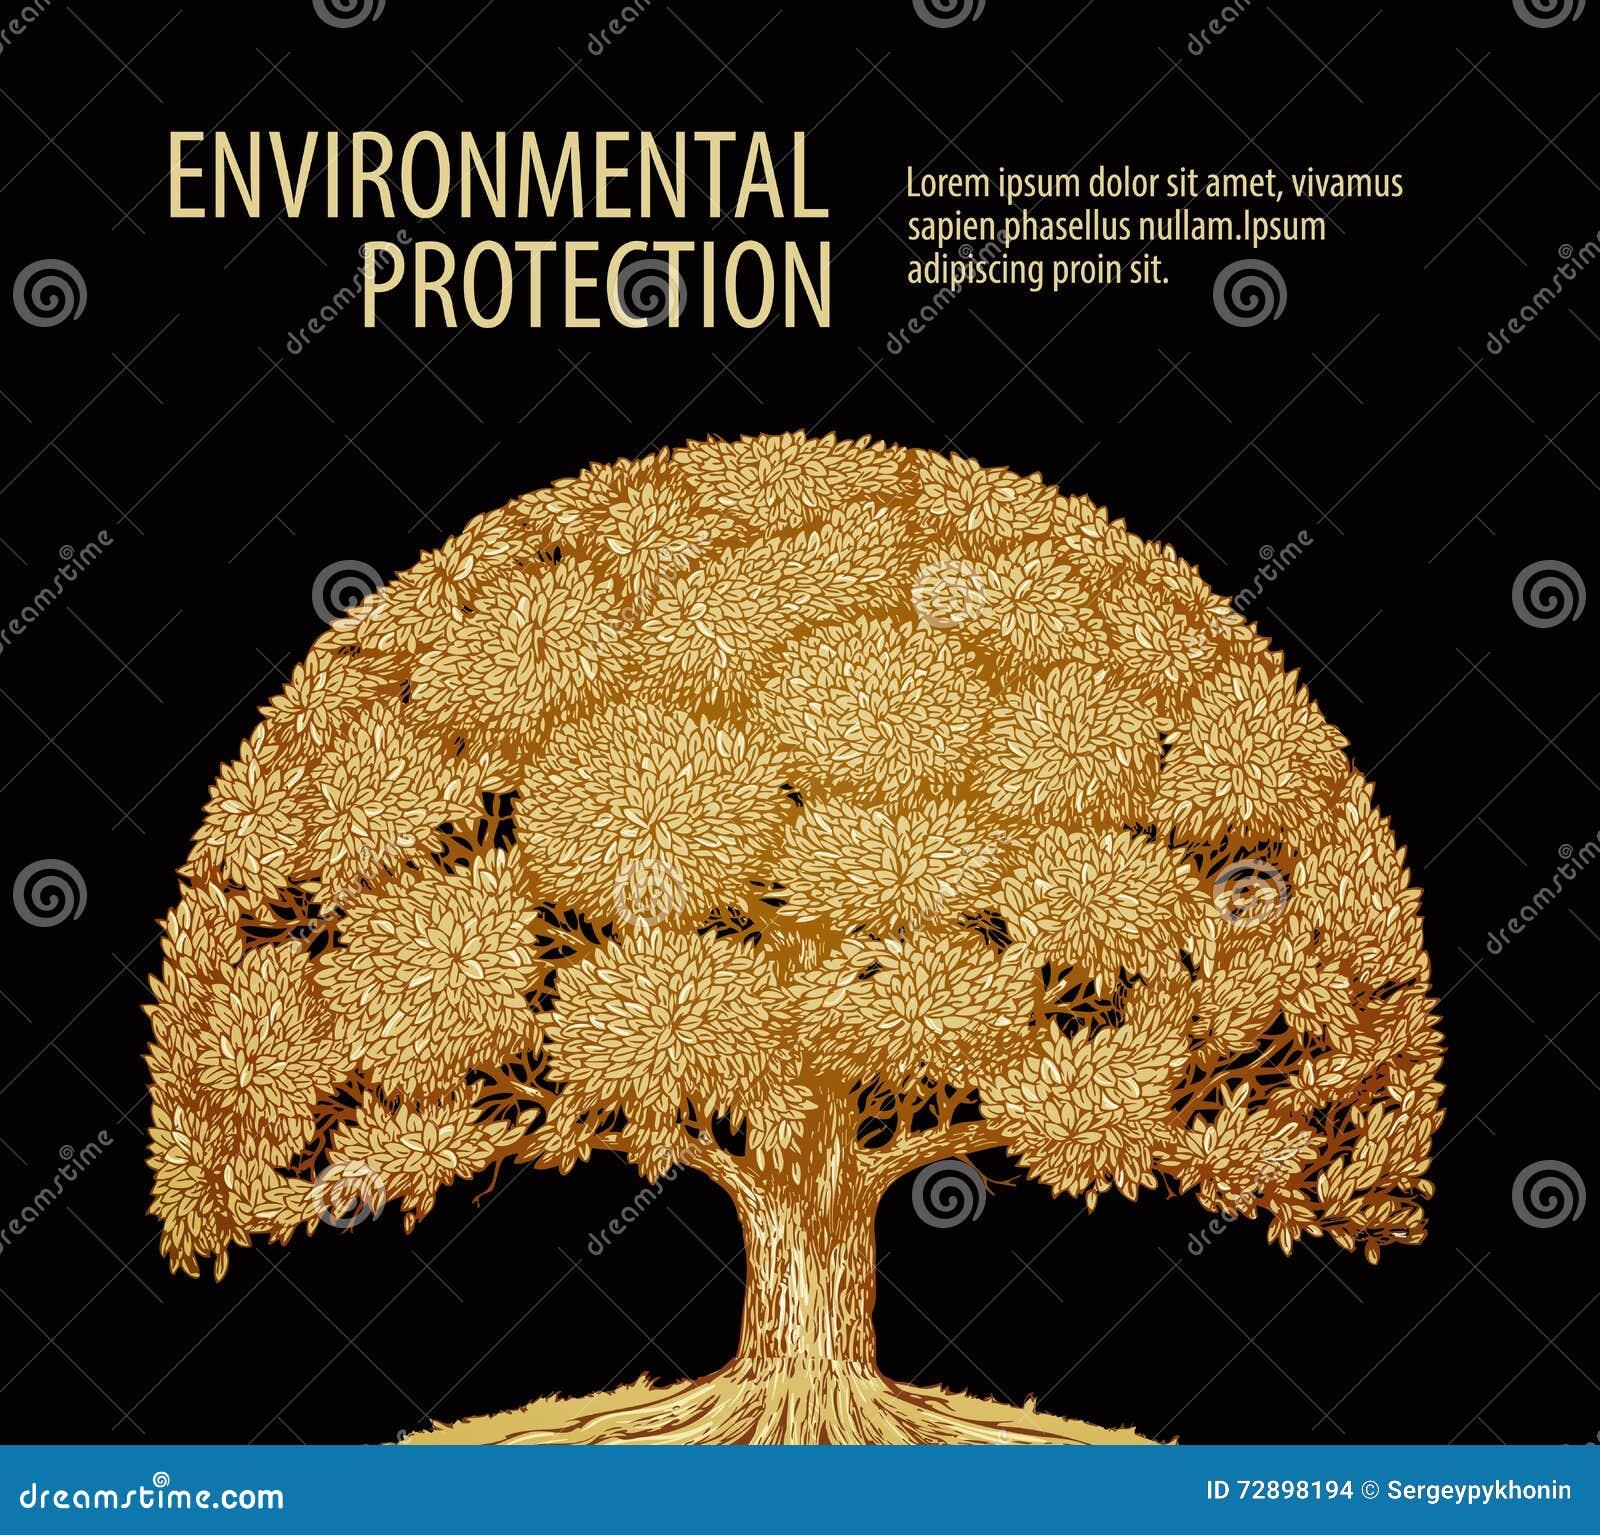 Solo árbol del vintage con follaje denso Naturaleza o ecología de la bandera de la plantilla del diseño del vector